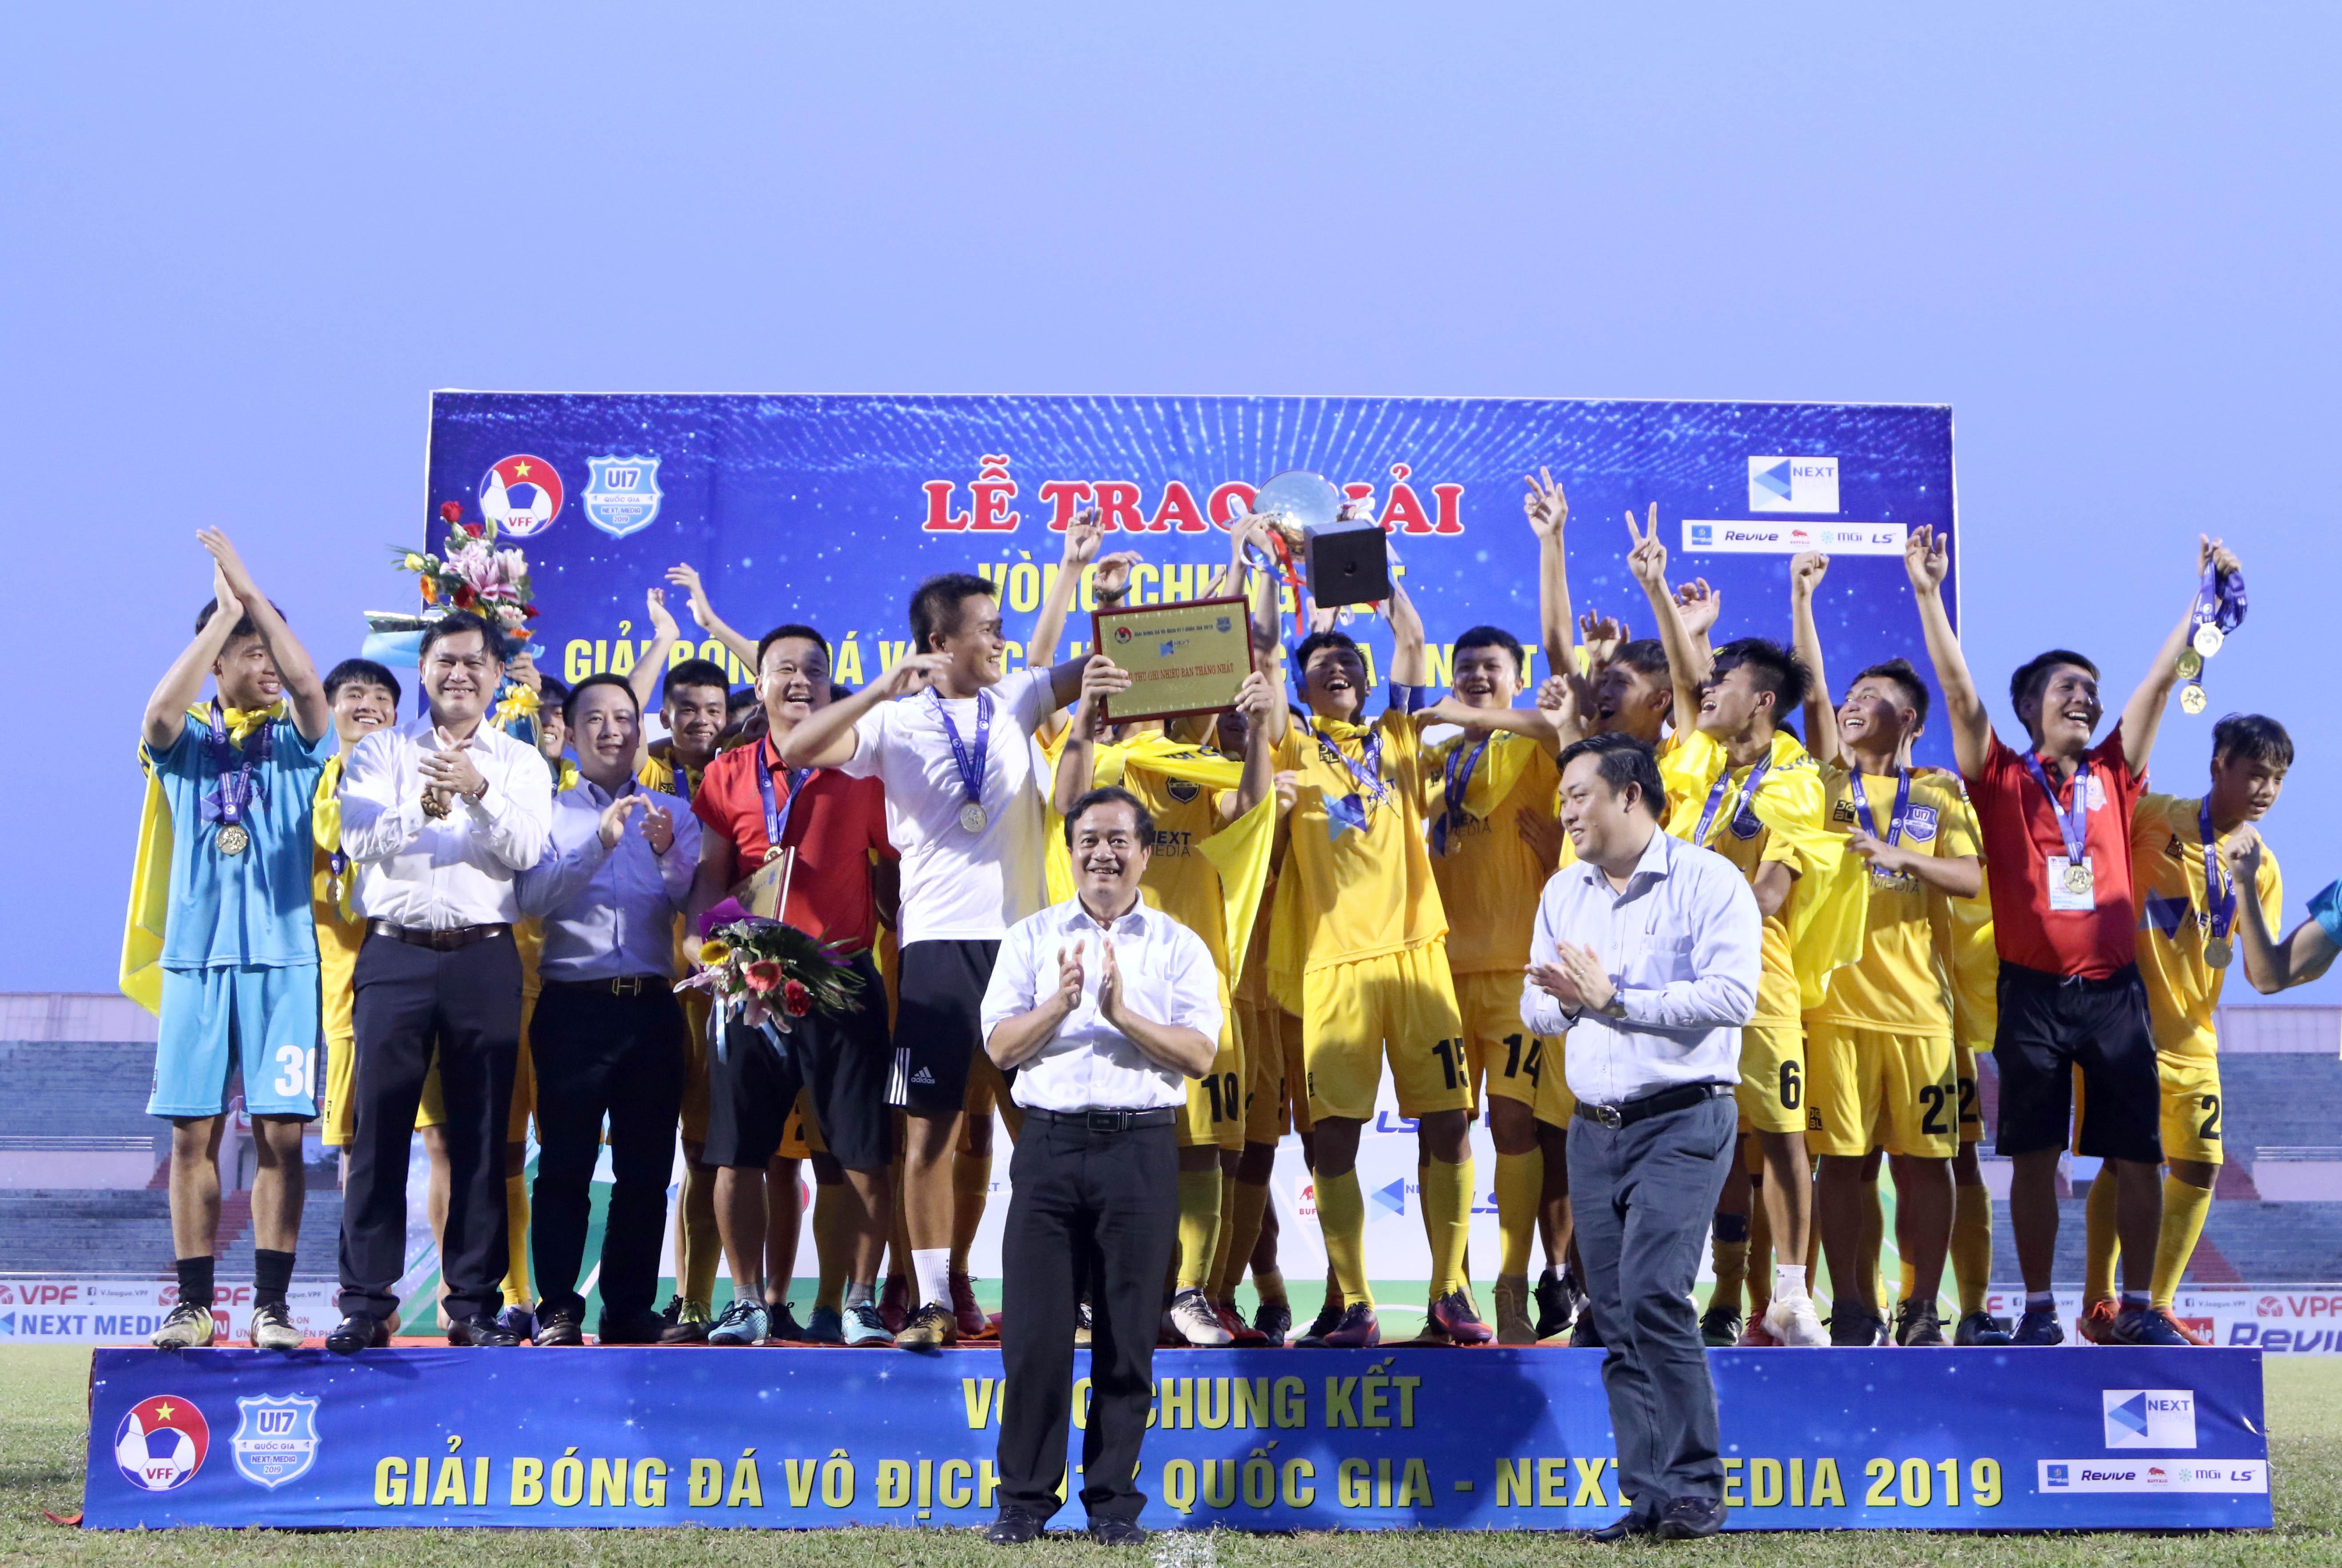 U17 Thanh Hóa đăng quang ngôi vô địch Giải bóng đá U17 QG- Next Media 2019